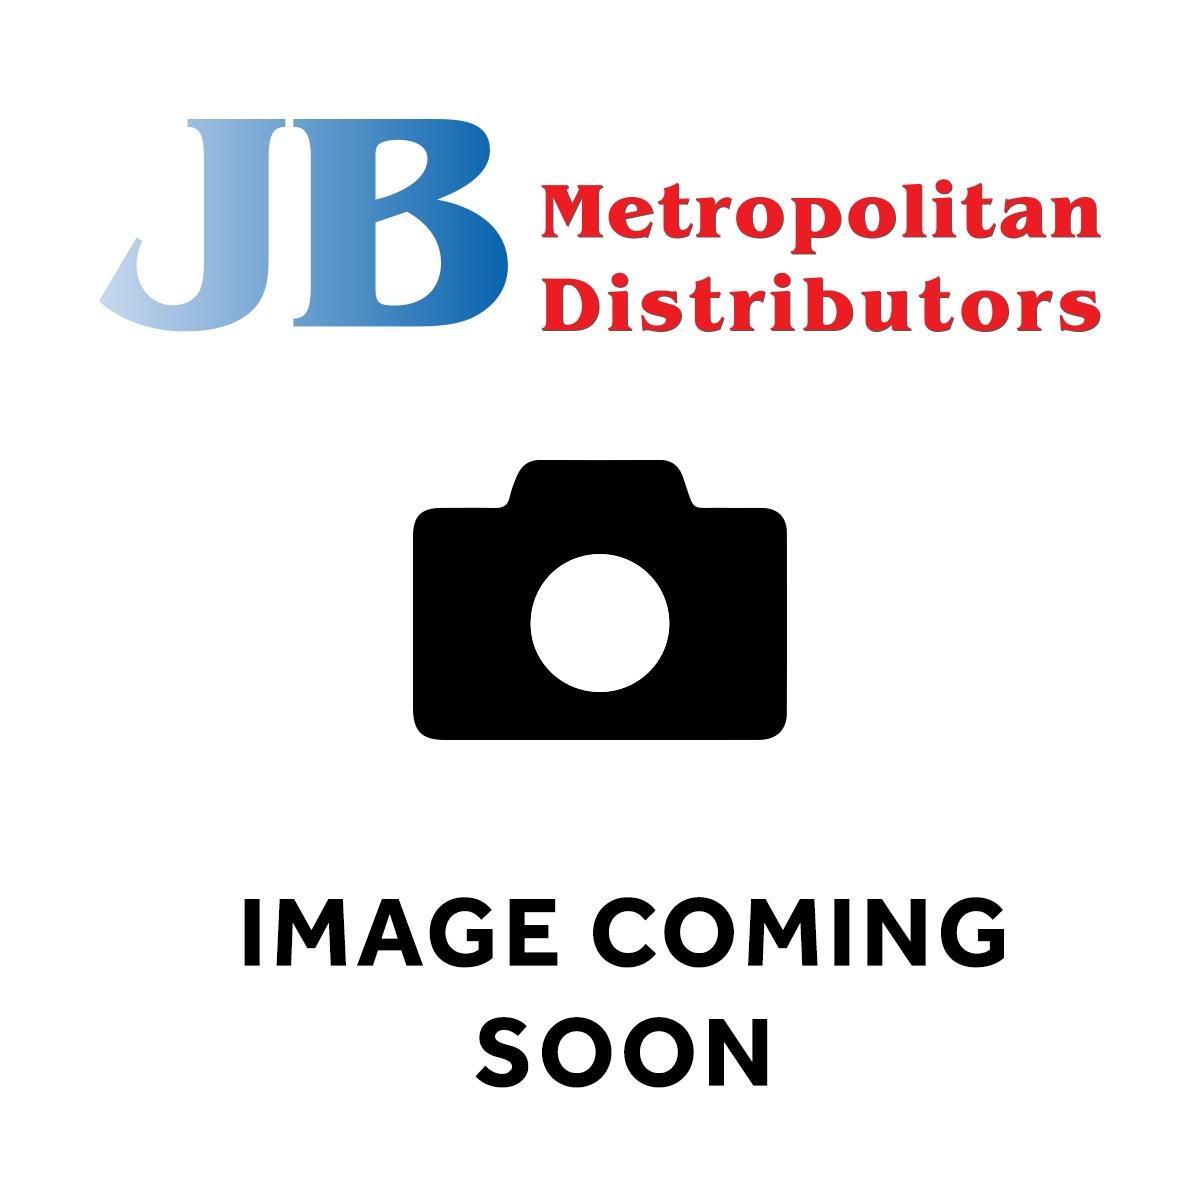 165G RED ROCK CORN CHIPS PICKLED JALAPENO & CHEDDAR